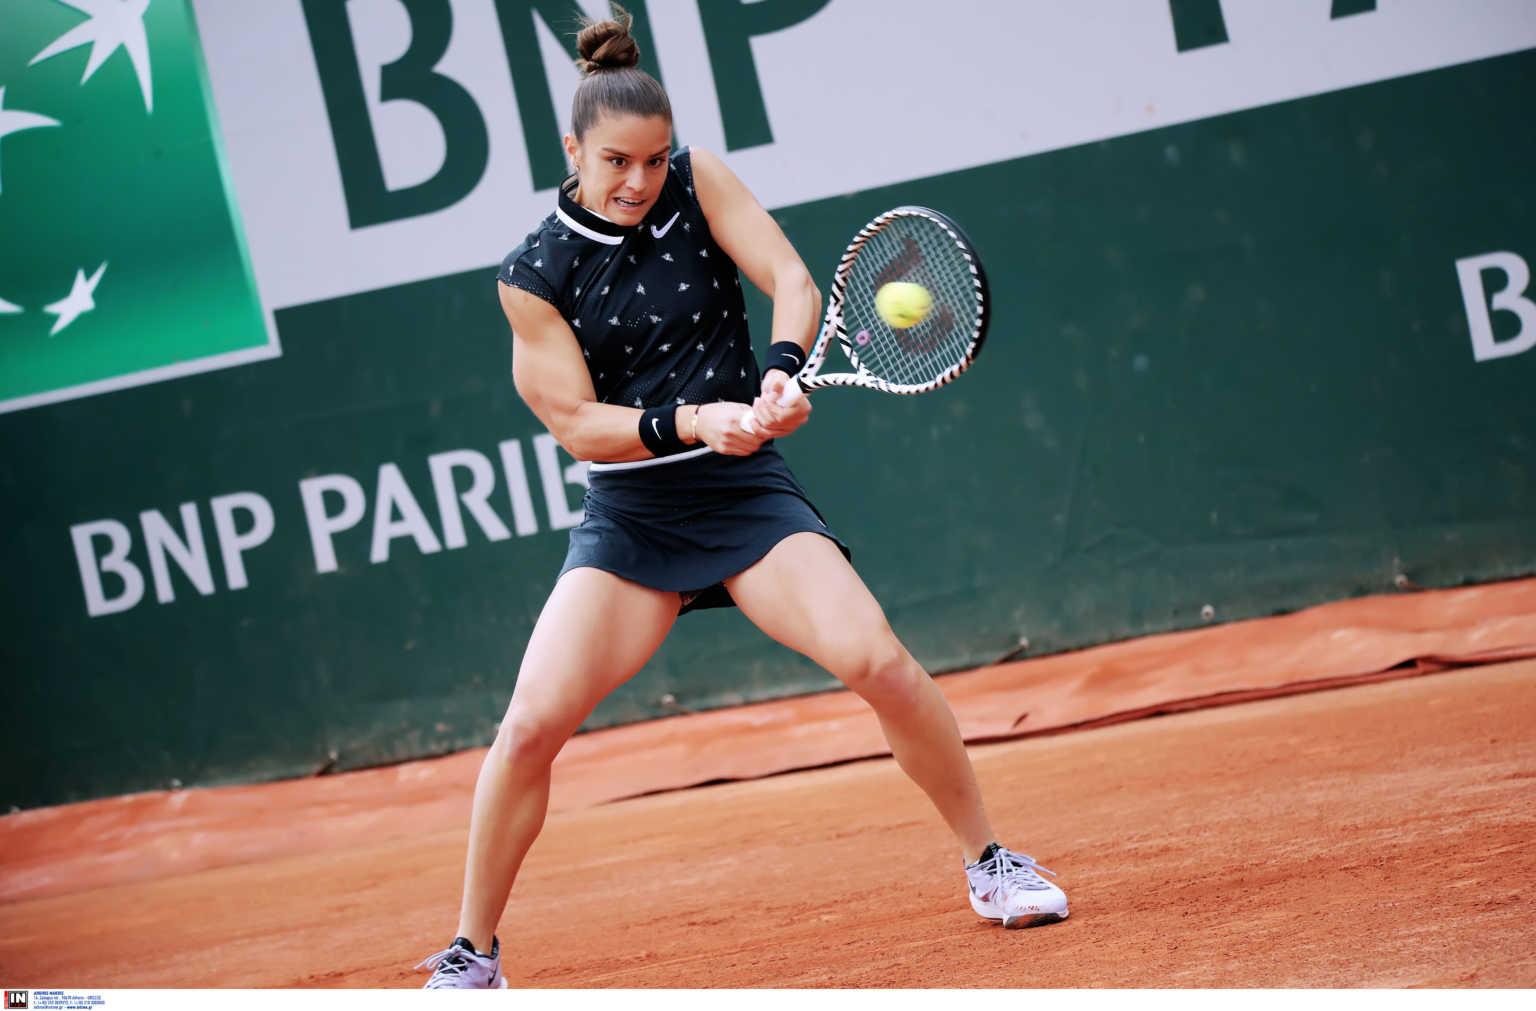 Πικρός αποκλεισμός για την Σάκκαρη από το Madrid Open σε επικό ματς